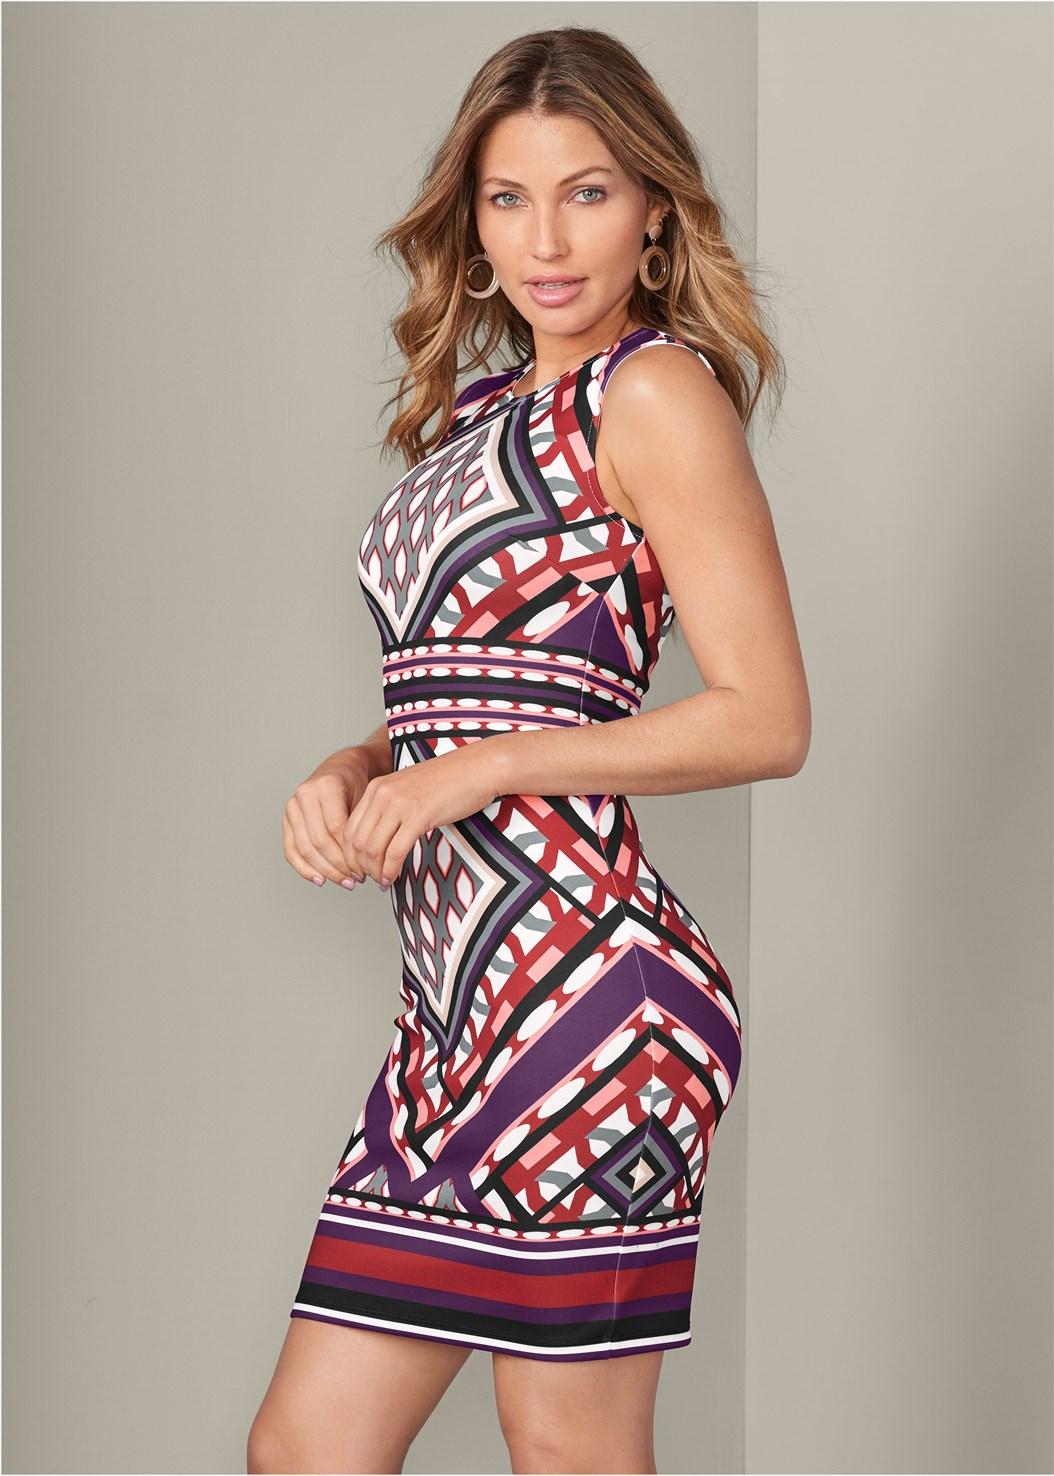 Geometric Print Dress,High Heel Strappy Sandals,Beaded Hoop Earrings